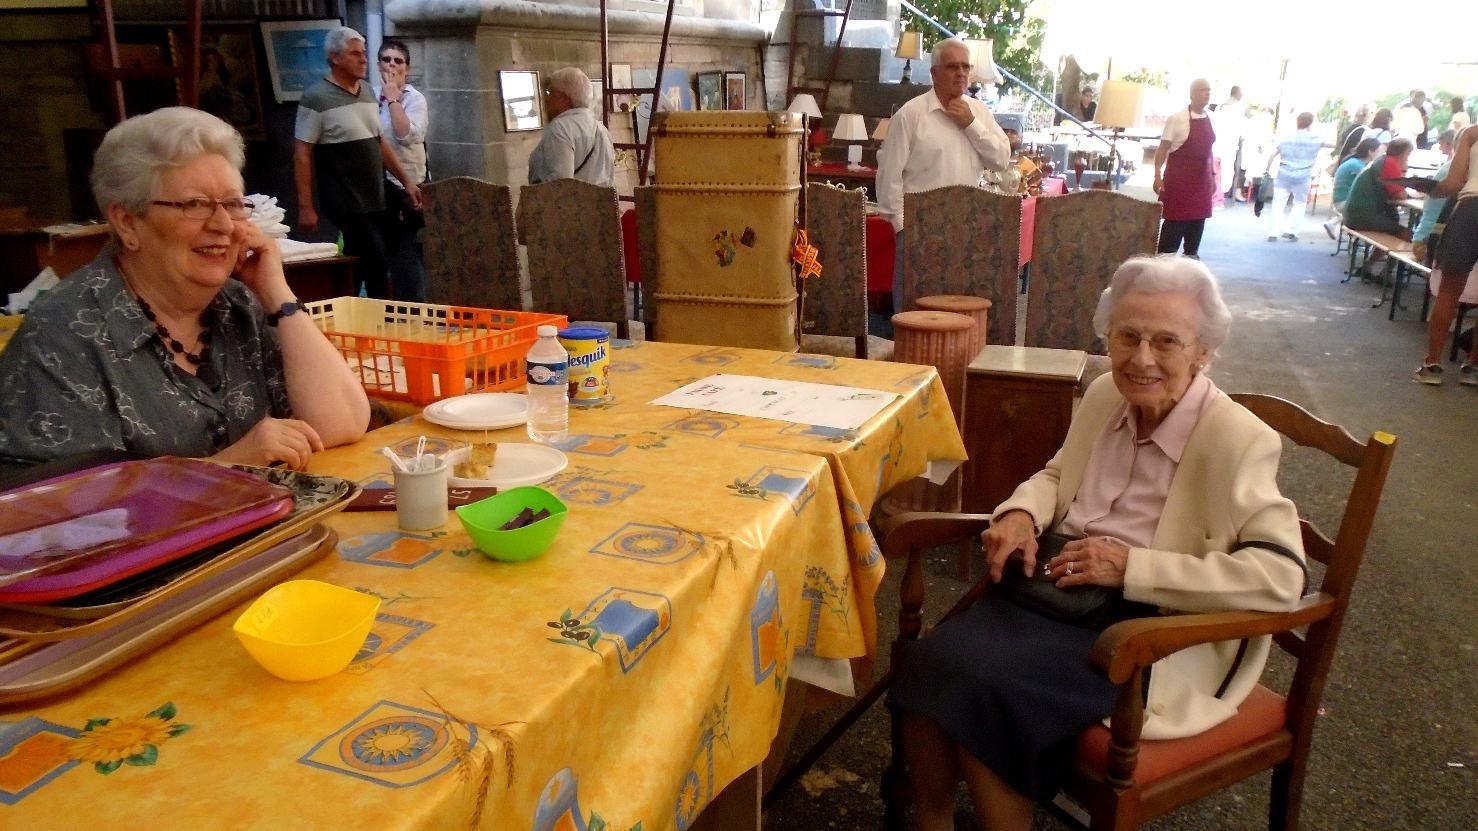 Agréable visite de la voisine des lieux et probablement doyenne de l'assemblée (chuuut !... 99 ans !)